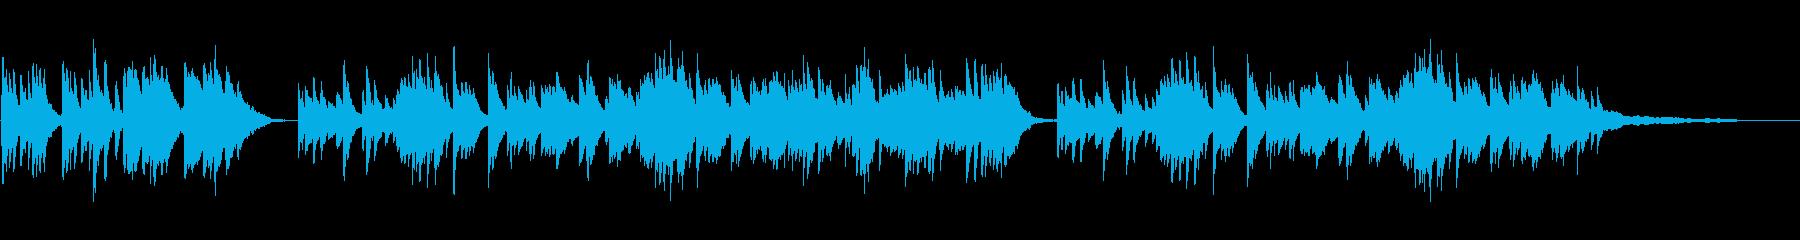 悲しく美しいピアノ曲の再生済みの波形